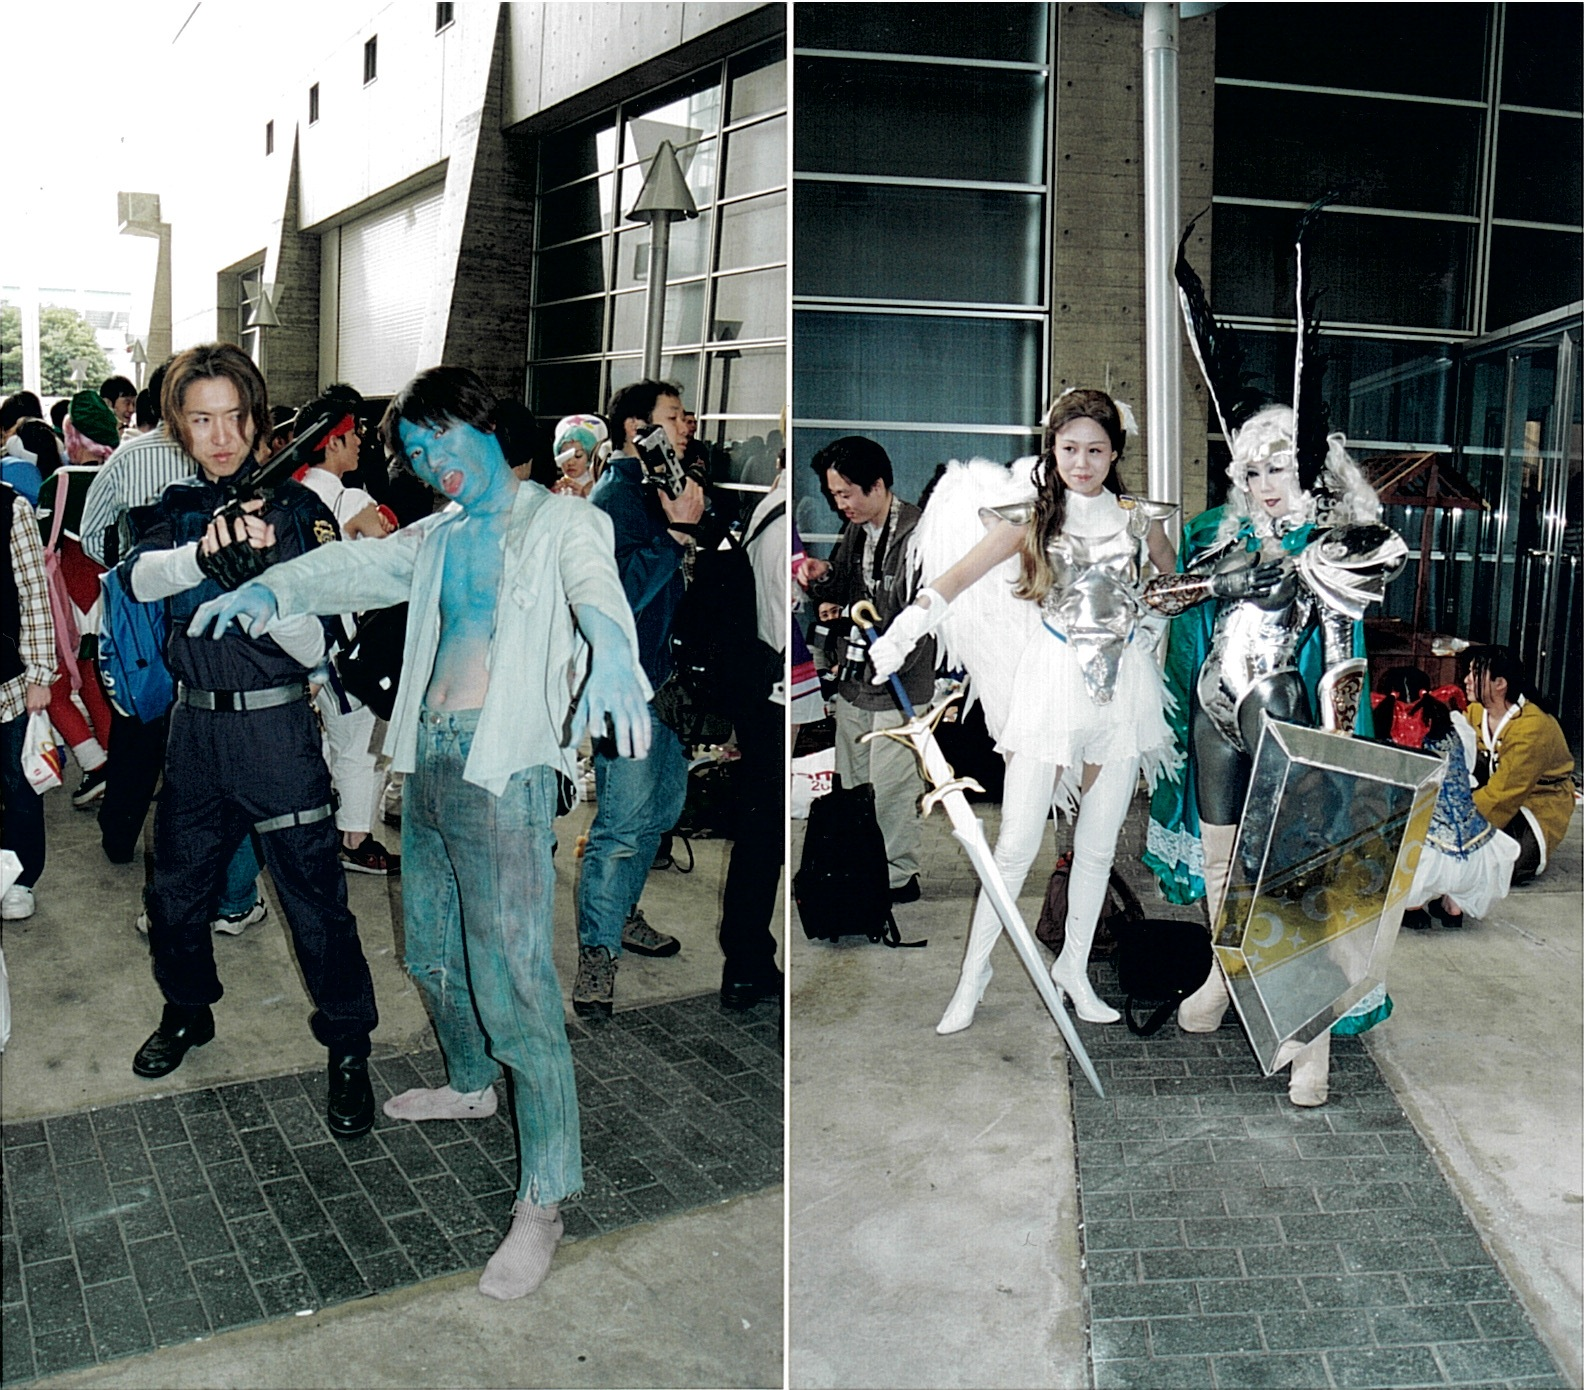 Altre foto di cosplay...